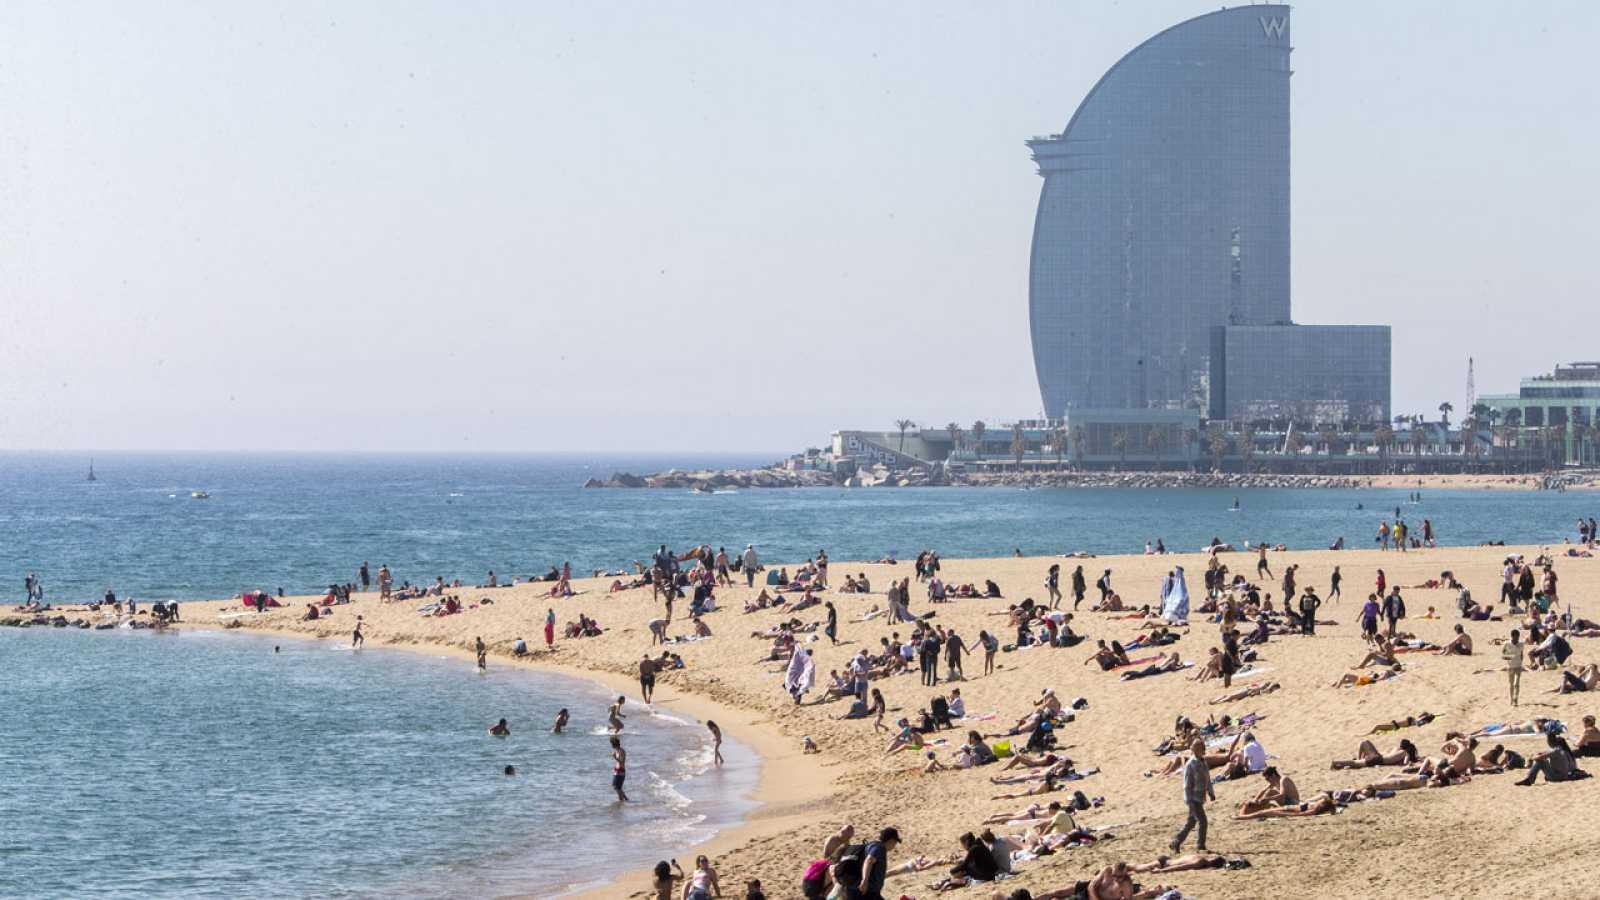 Aspecto de la playa de la Mar Bella, en Barcelona, con el hotel W al fondo, durante las fiestas de Semana Santa.